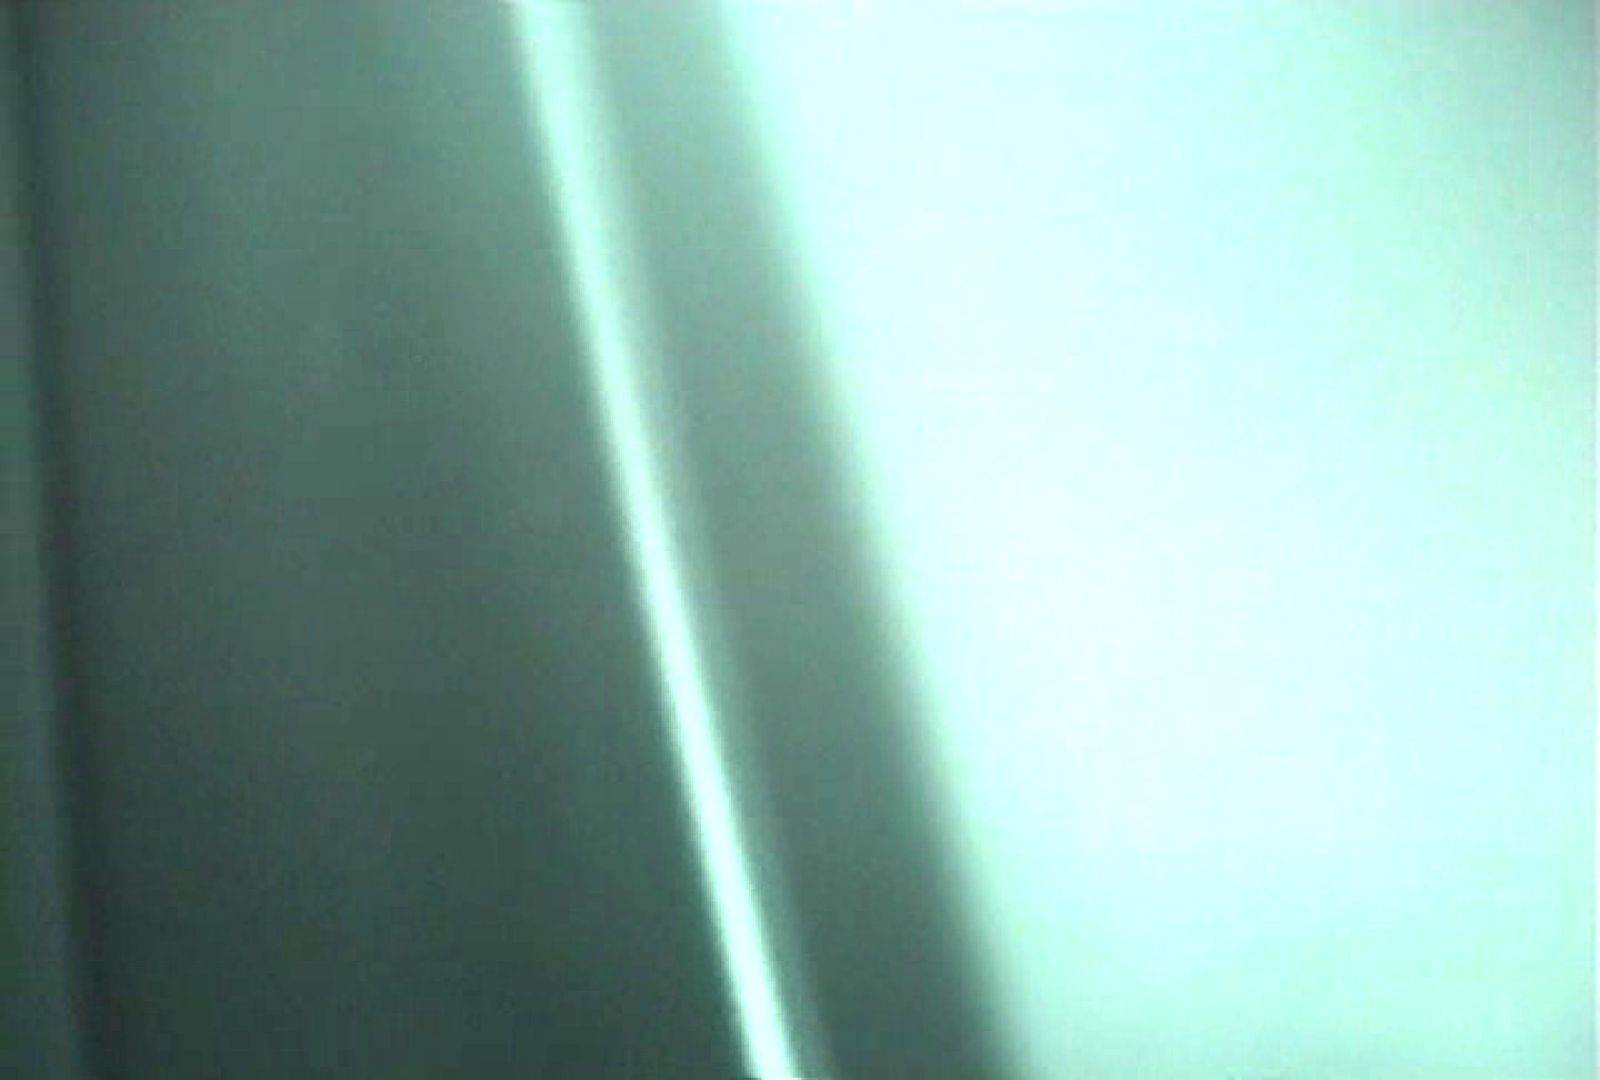 充血監督の深夜の運動会Vol.47 美しいOLの裸体 オメコ無修正動画無料 72pic 47